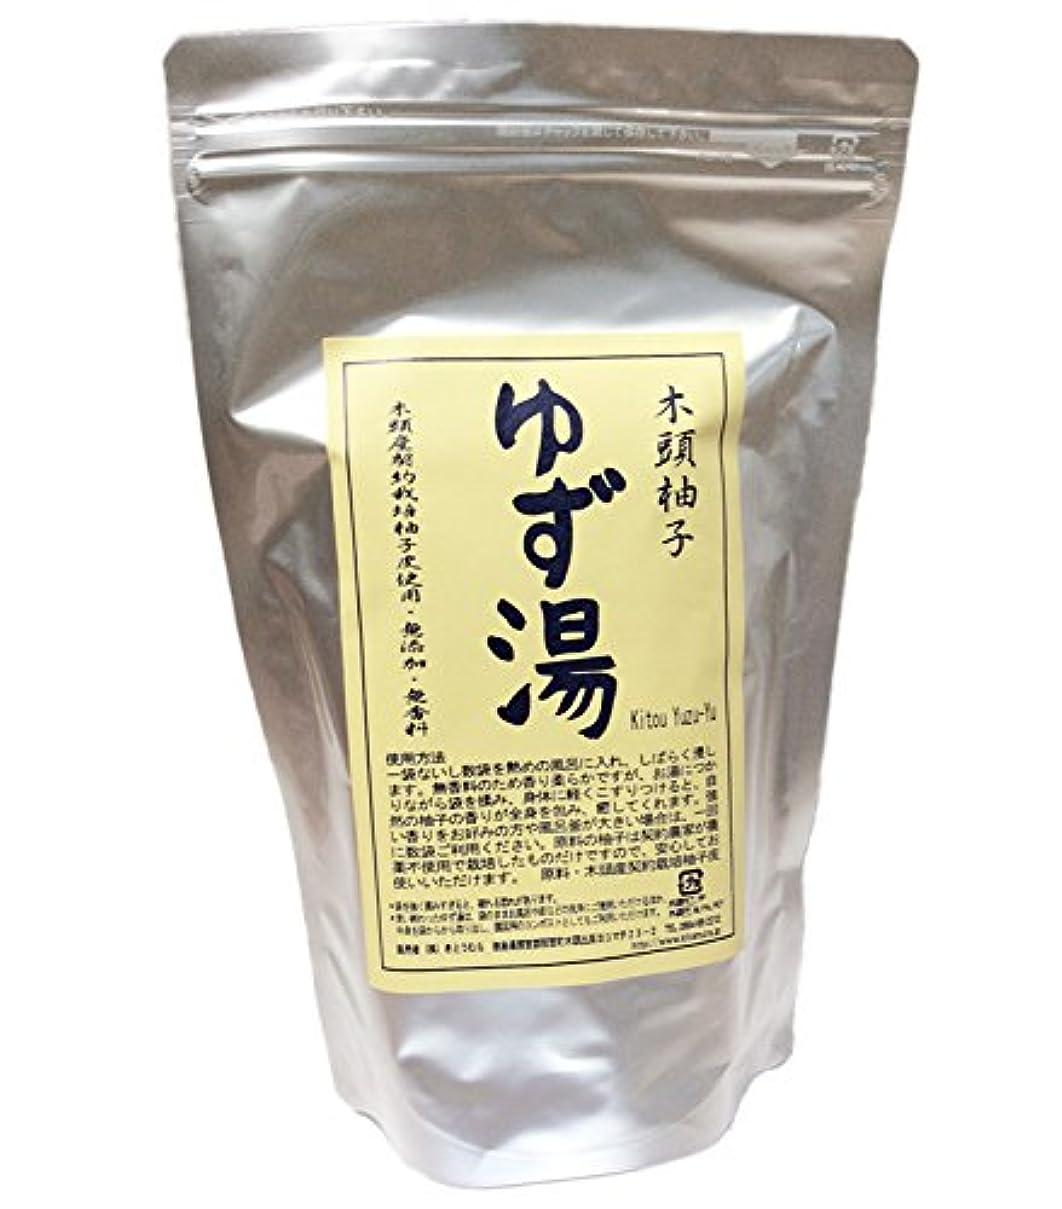 キャッシュ輸送家きとうむら オーガニック 木頭柚子ゆず湯 (徳用) 30g×15パック入